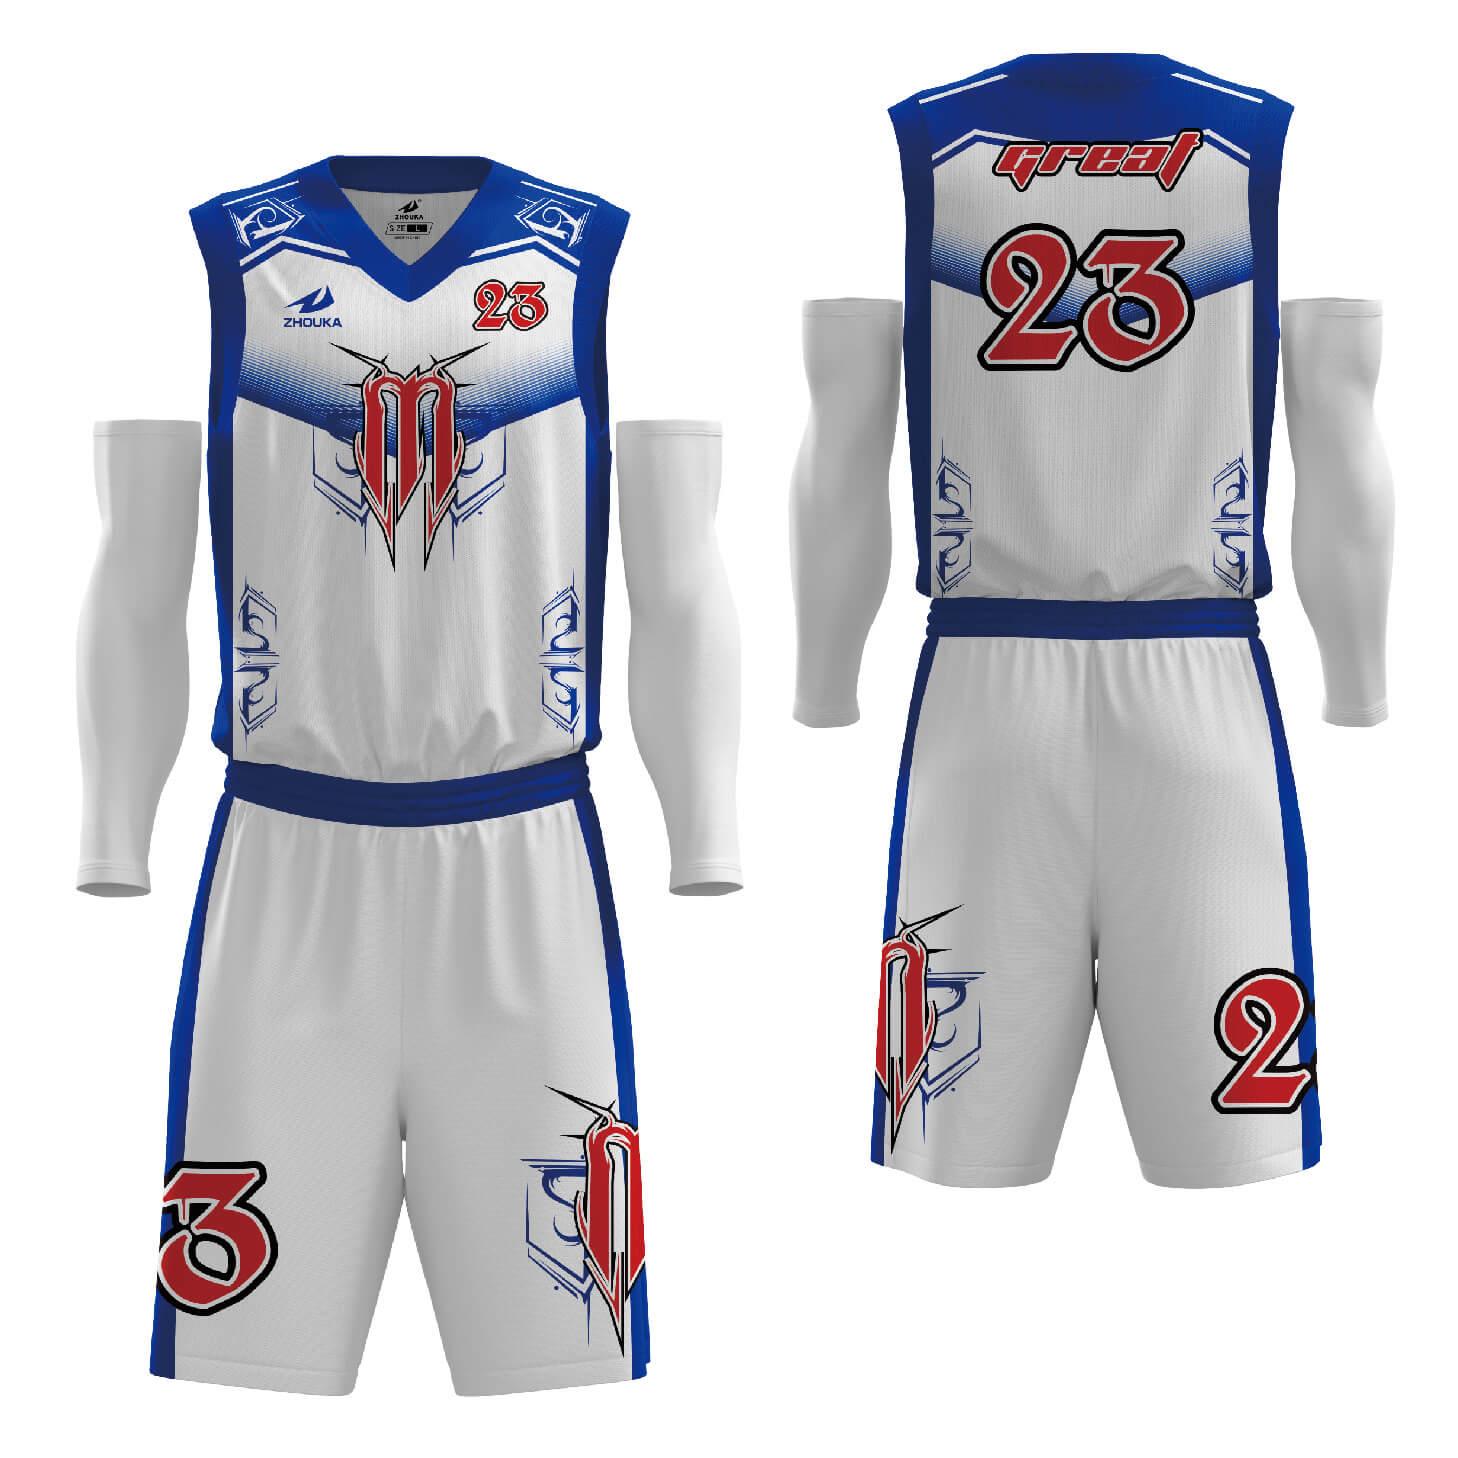 涤纶面料热升华技术新款篮球服套装比赛团队